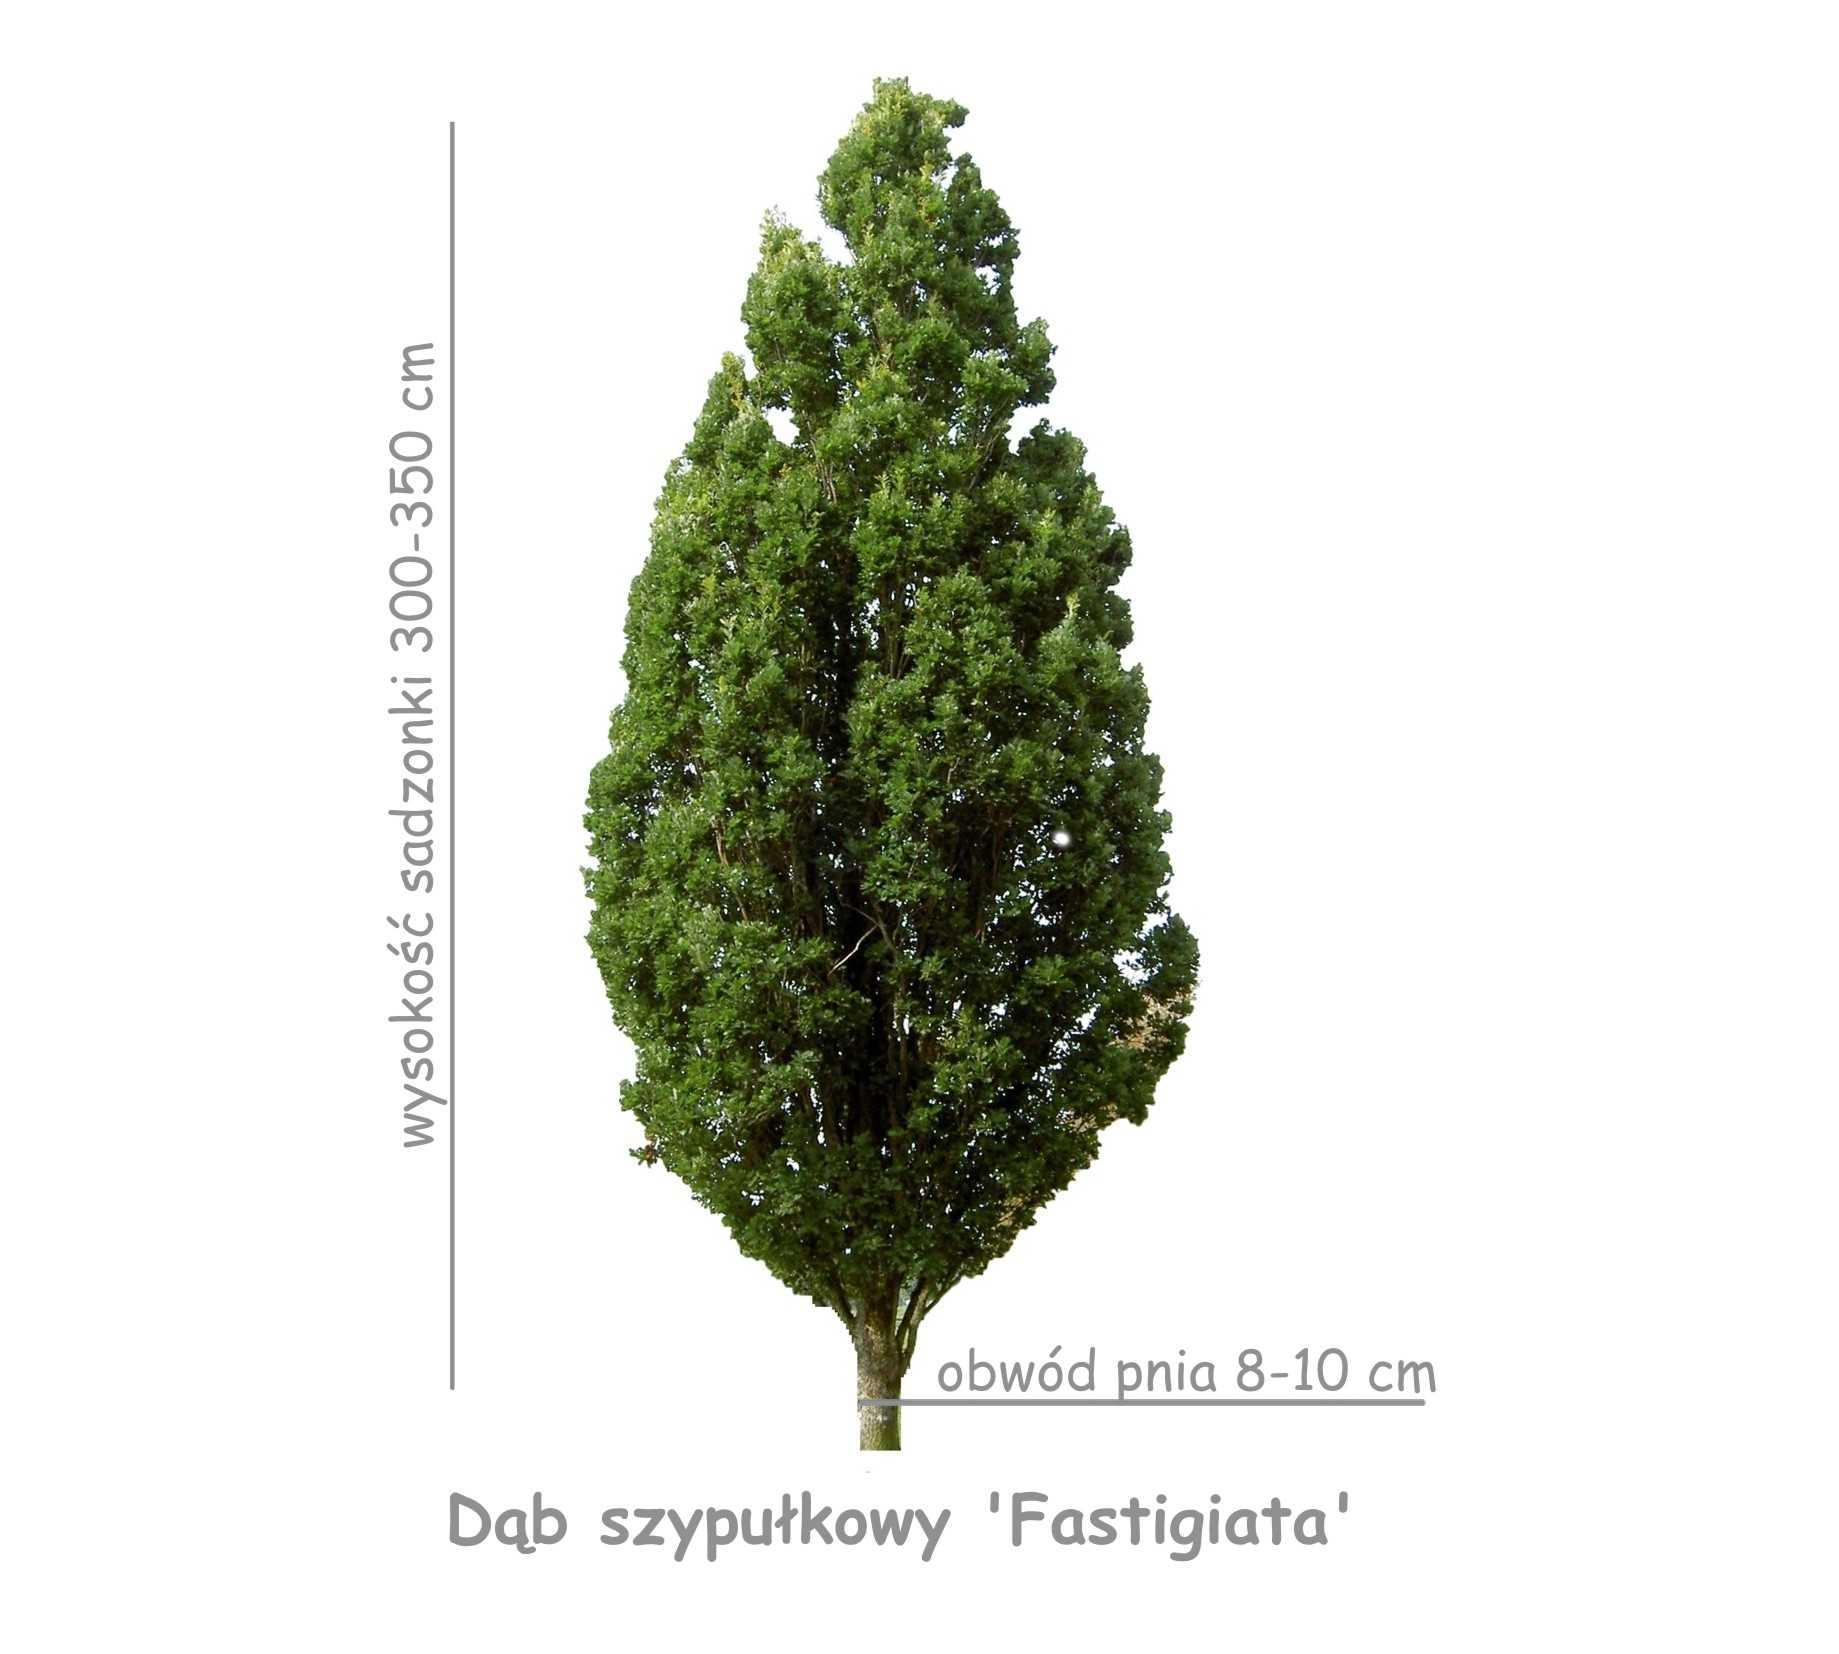 Dąb szypułkowy 'Fastigiata' sadzonka o obwodzie pnia 8-10 cm